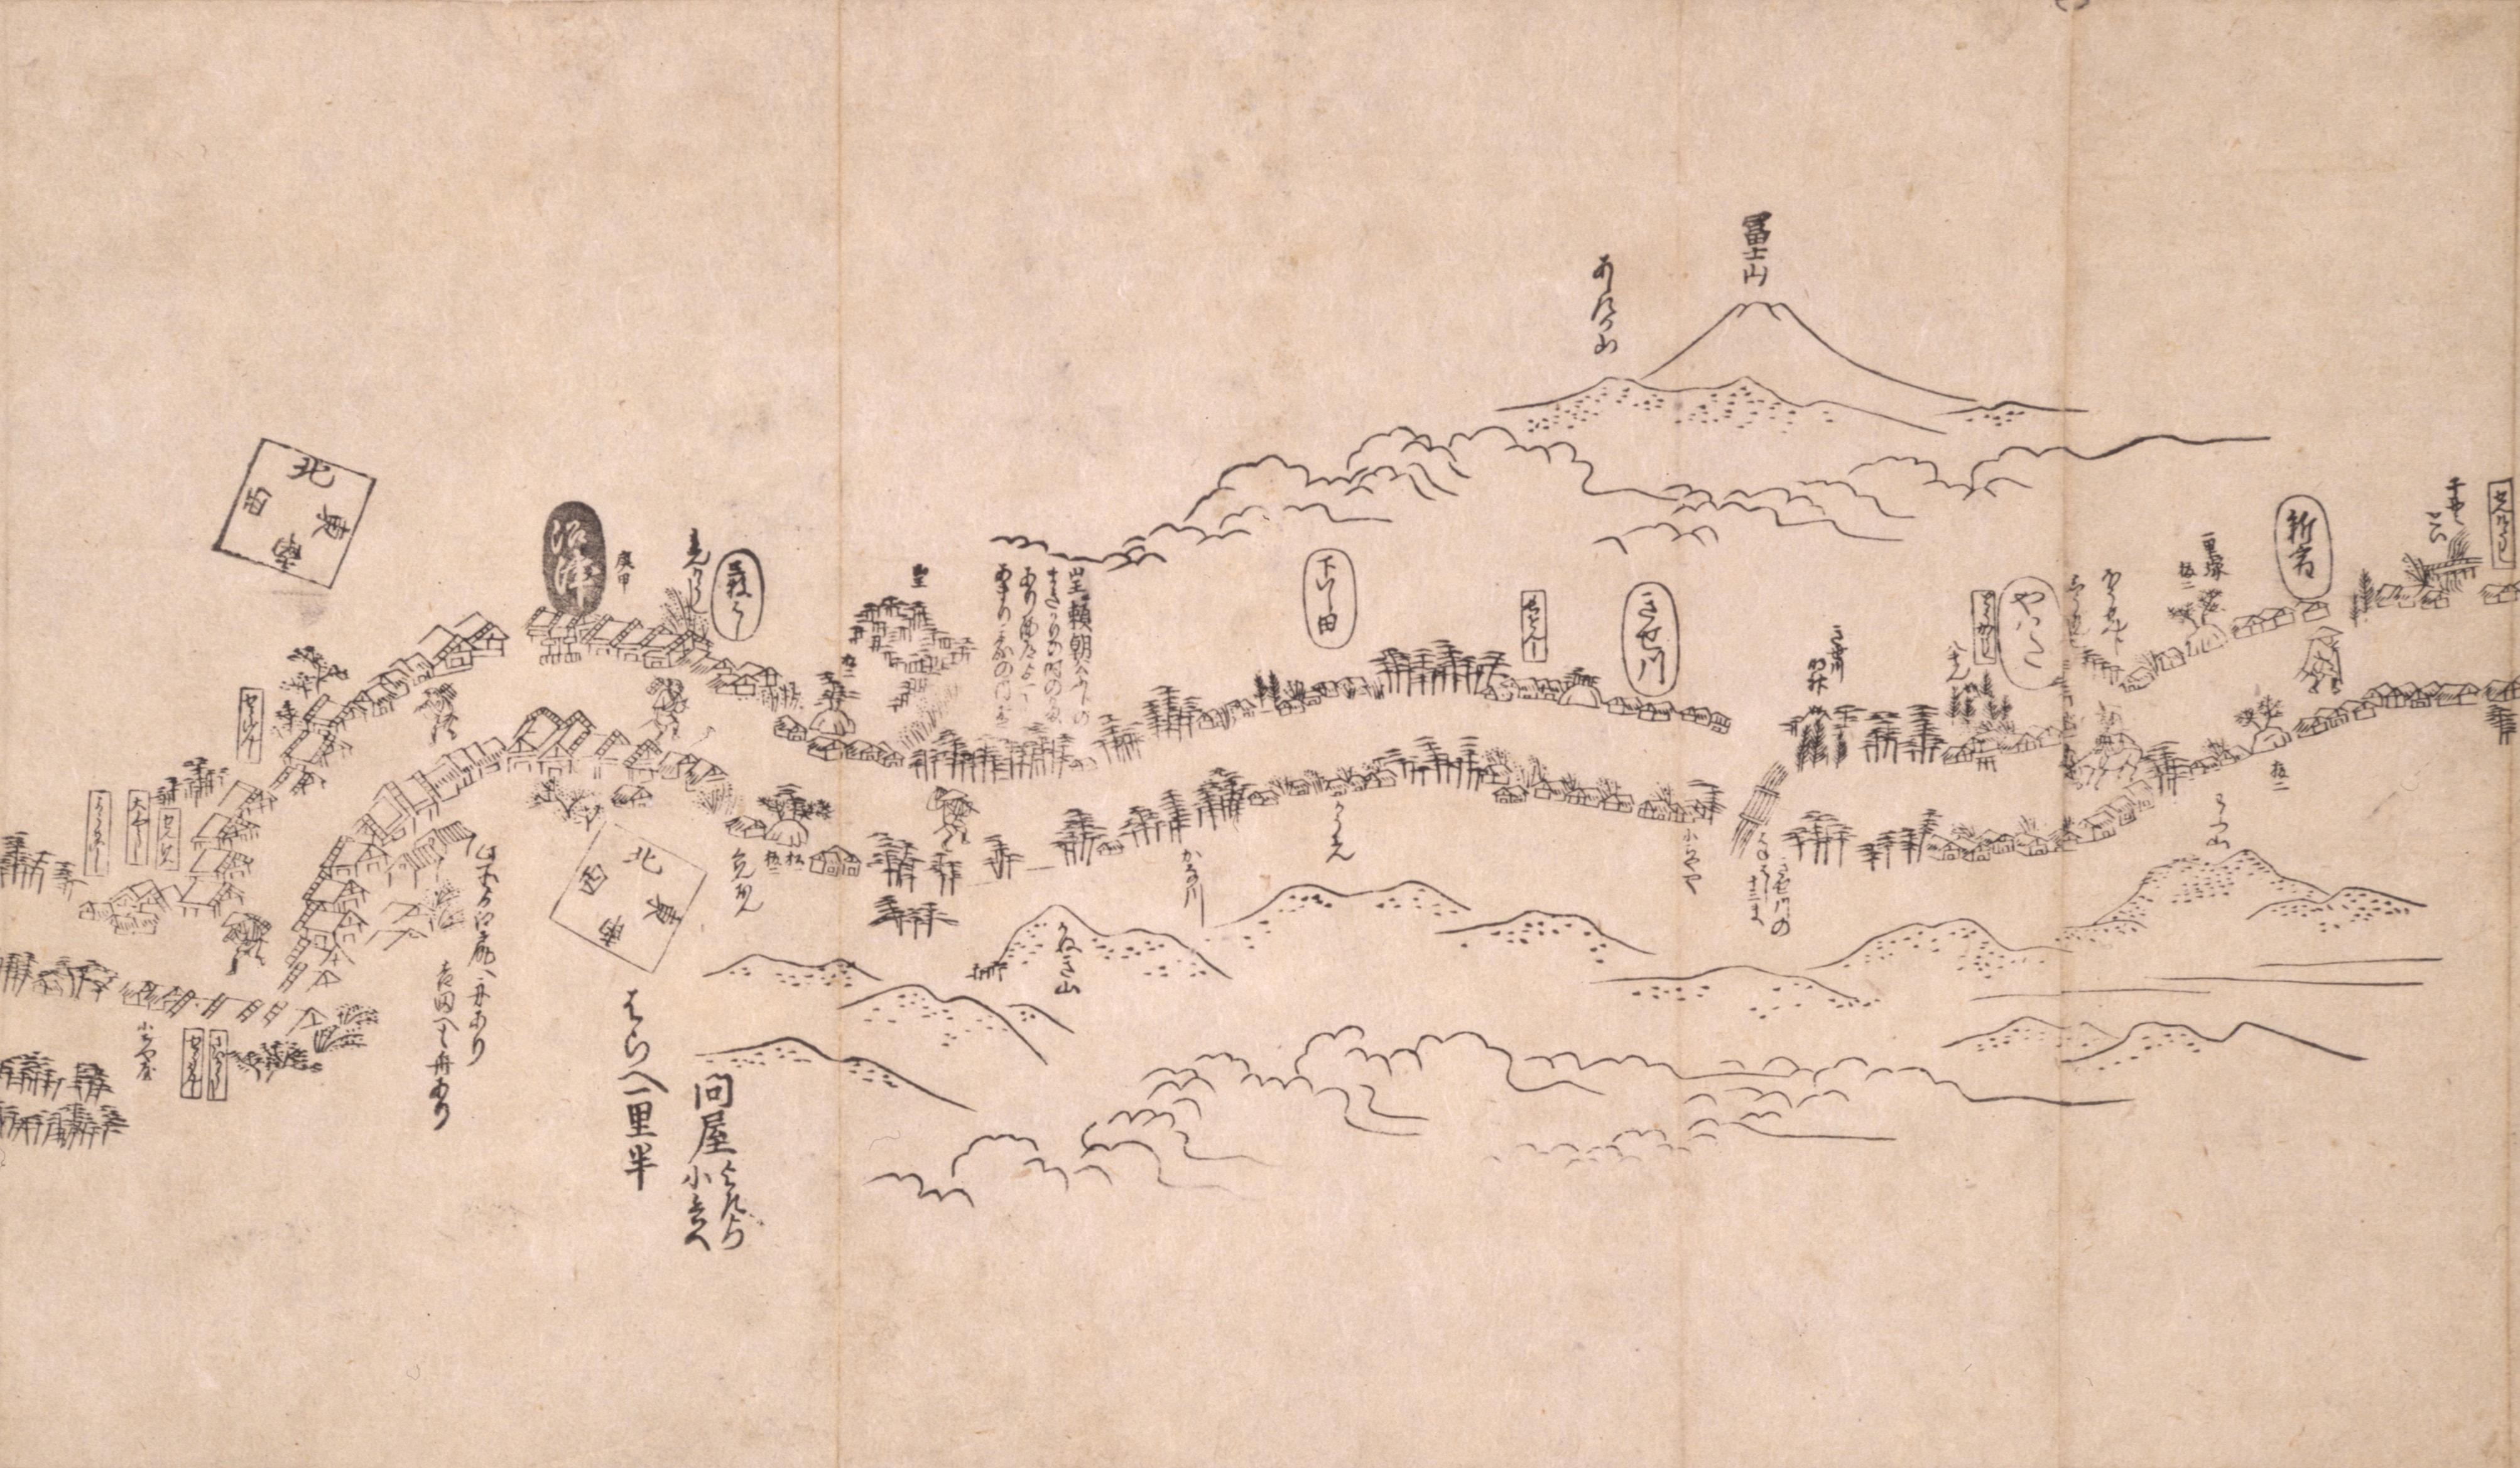 東海道分間之図 二十